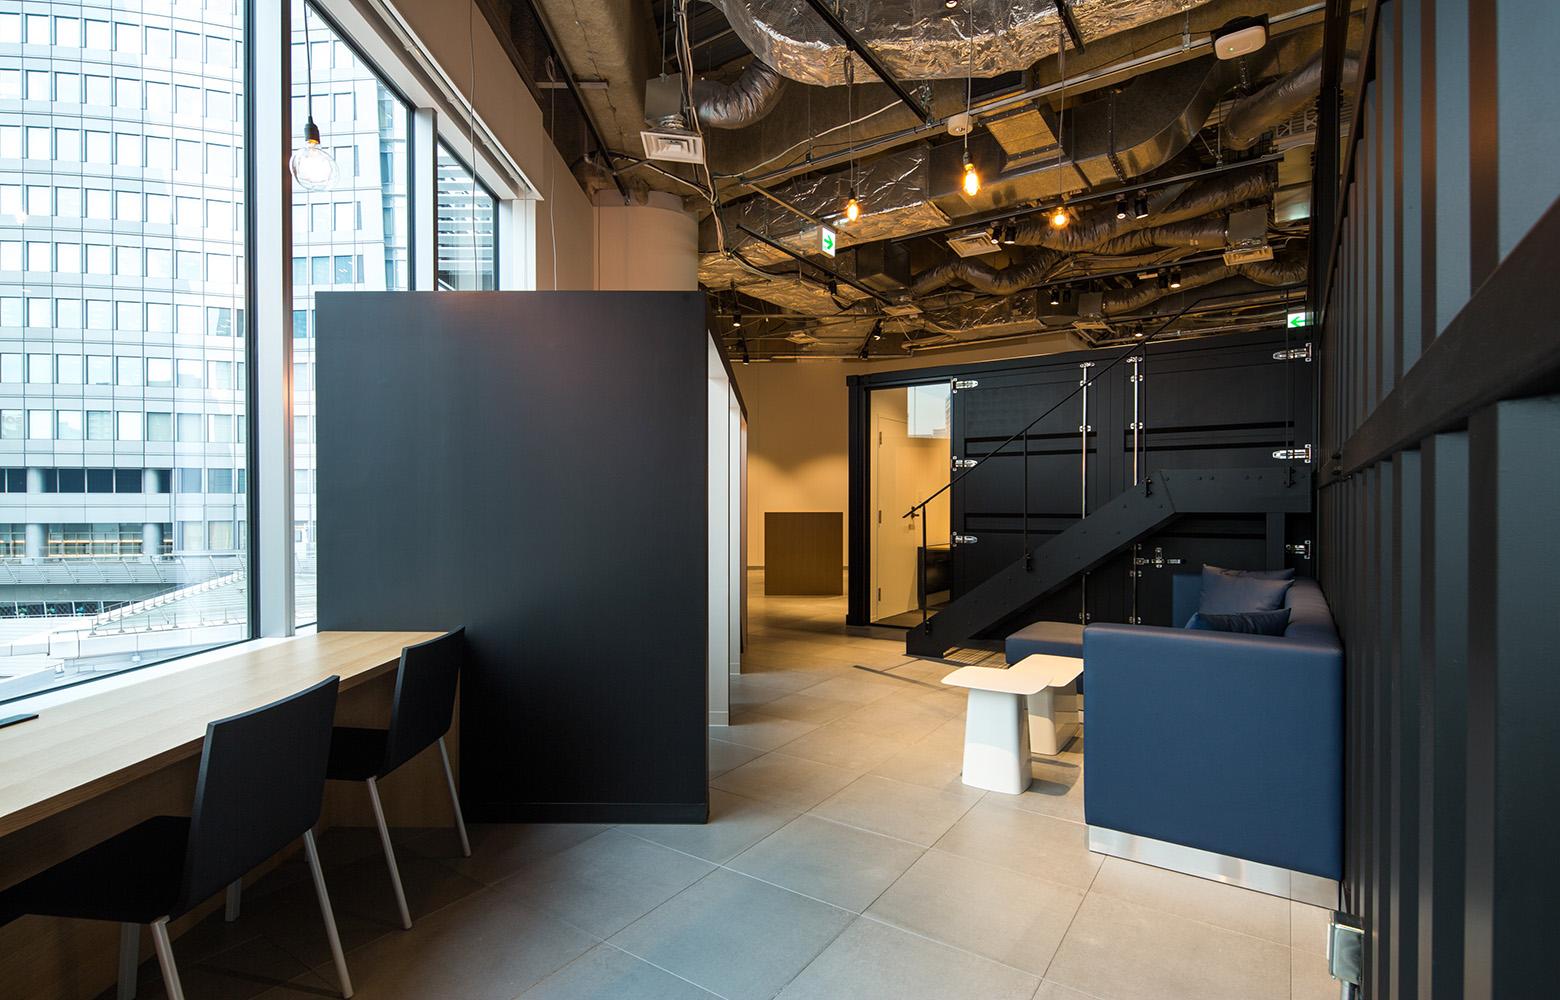 KLab株式会社 ( Laboratory Office )フリースペース《リフレッシュ・多目的エリア》